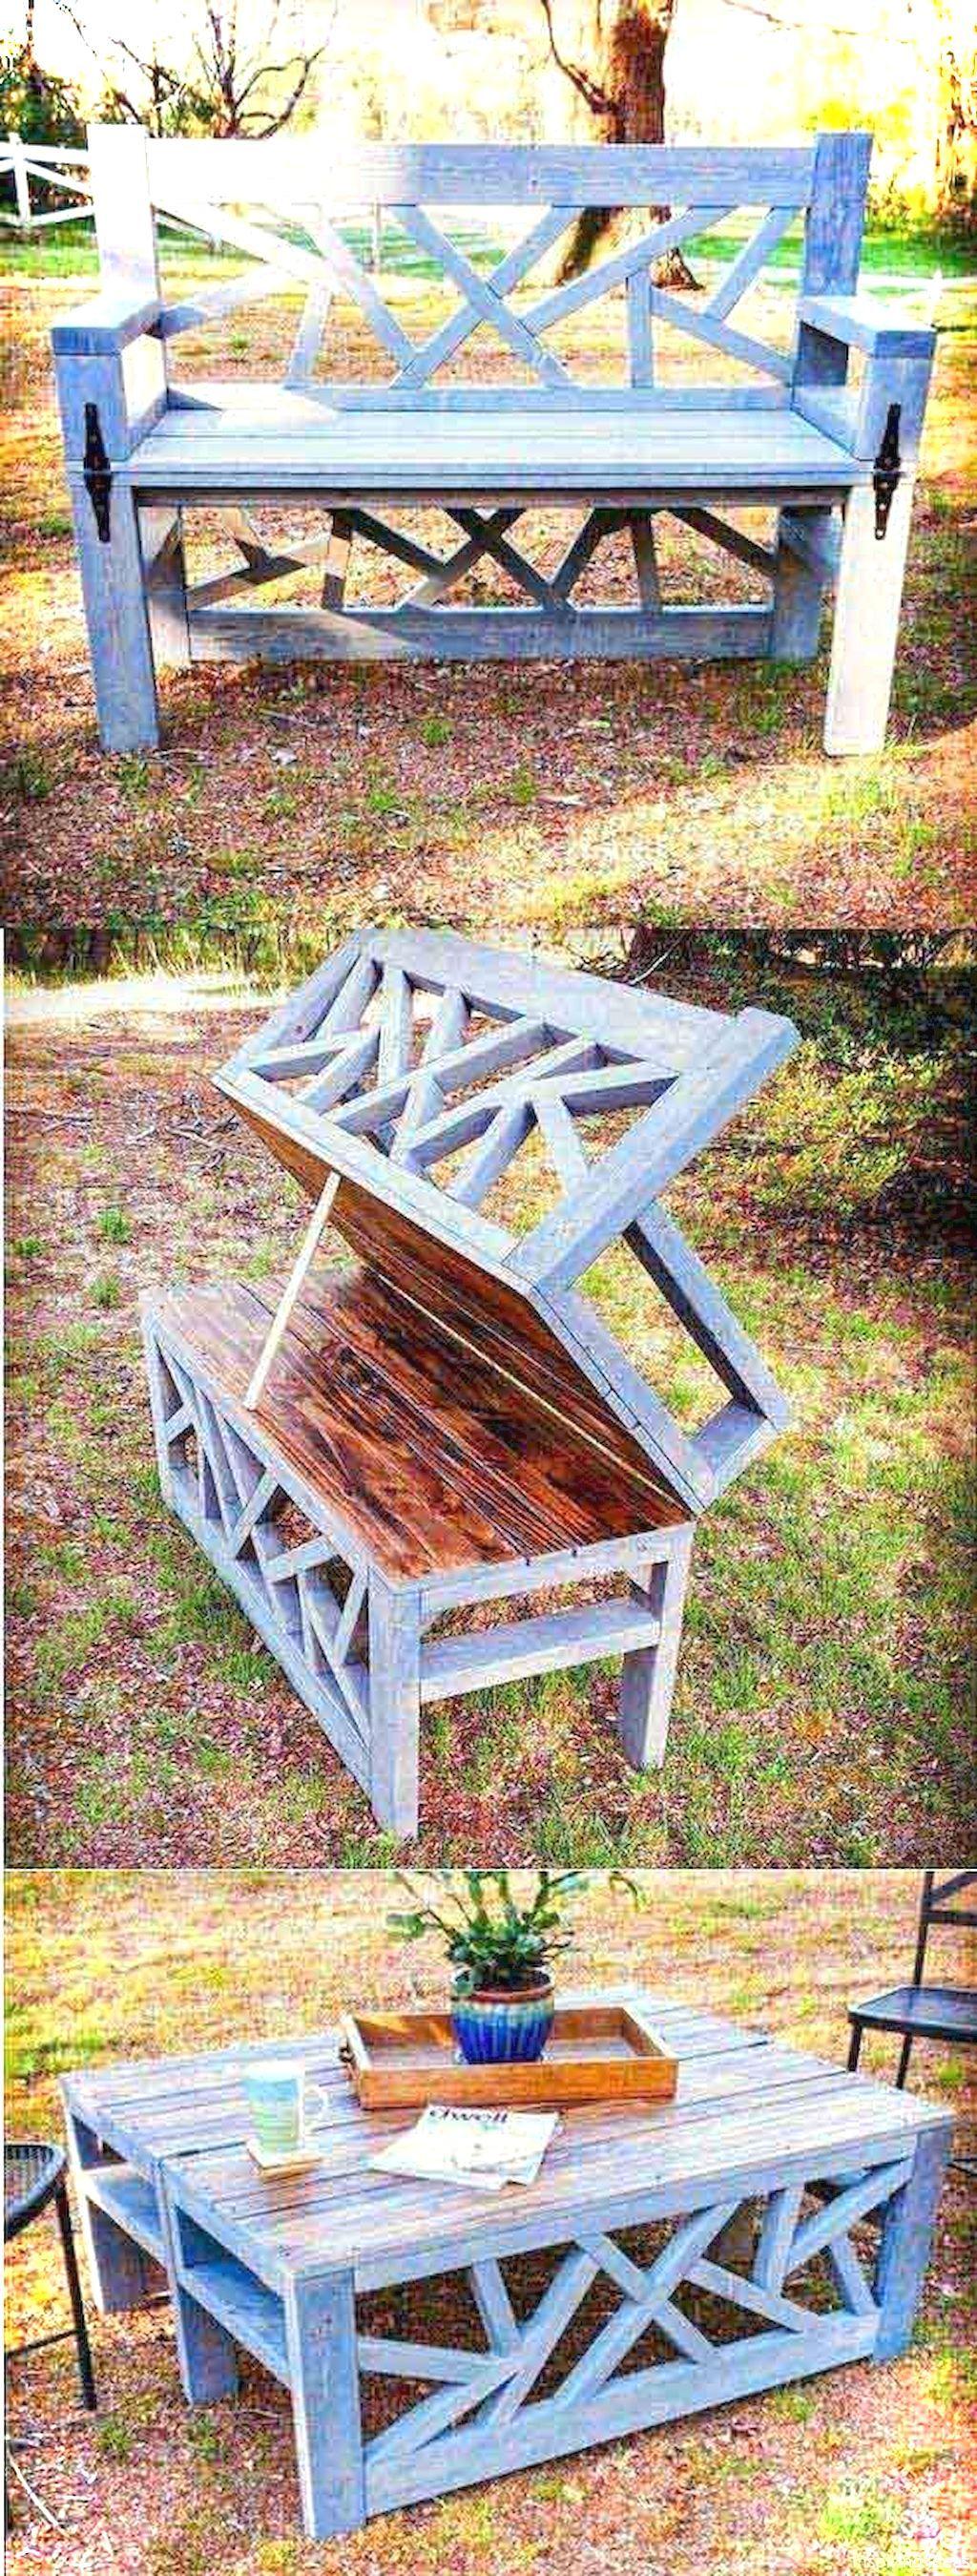 48 Incredible Garden Furniture Ideas